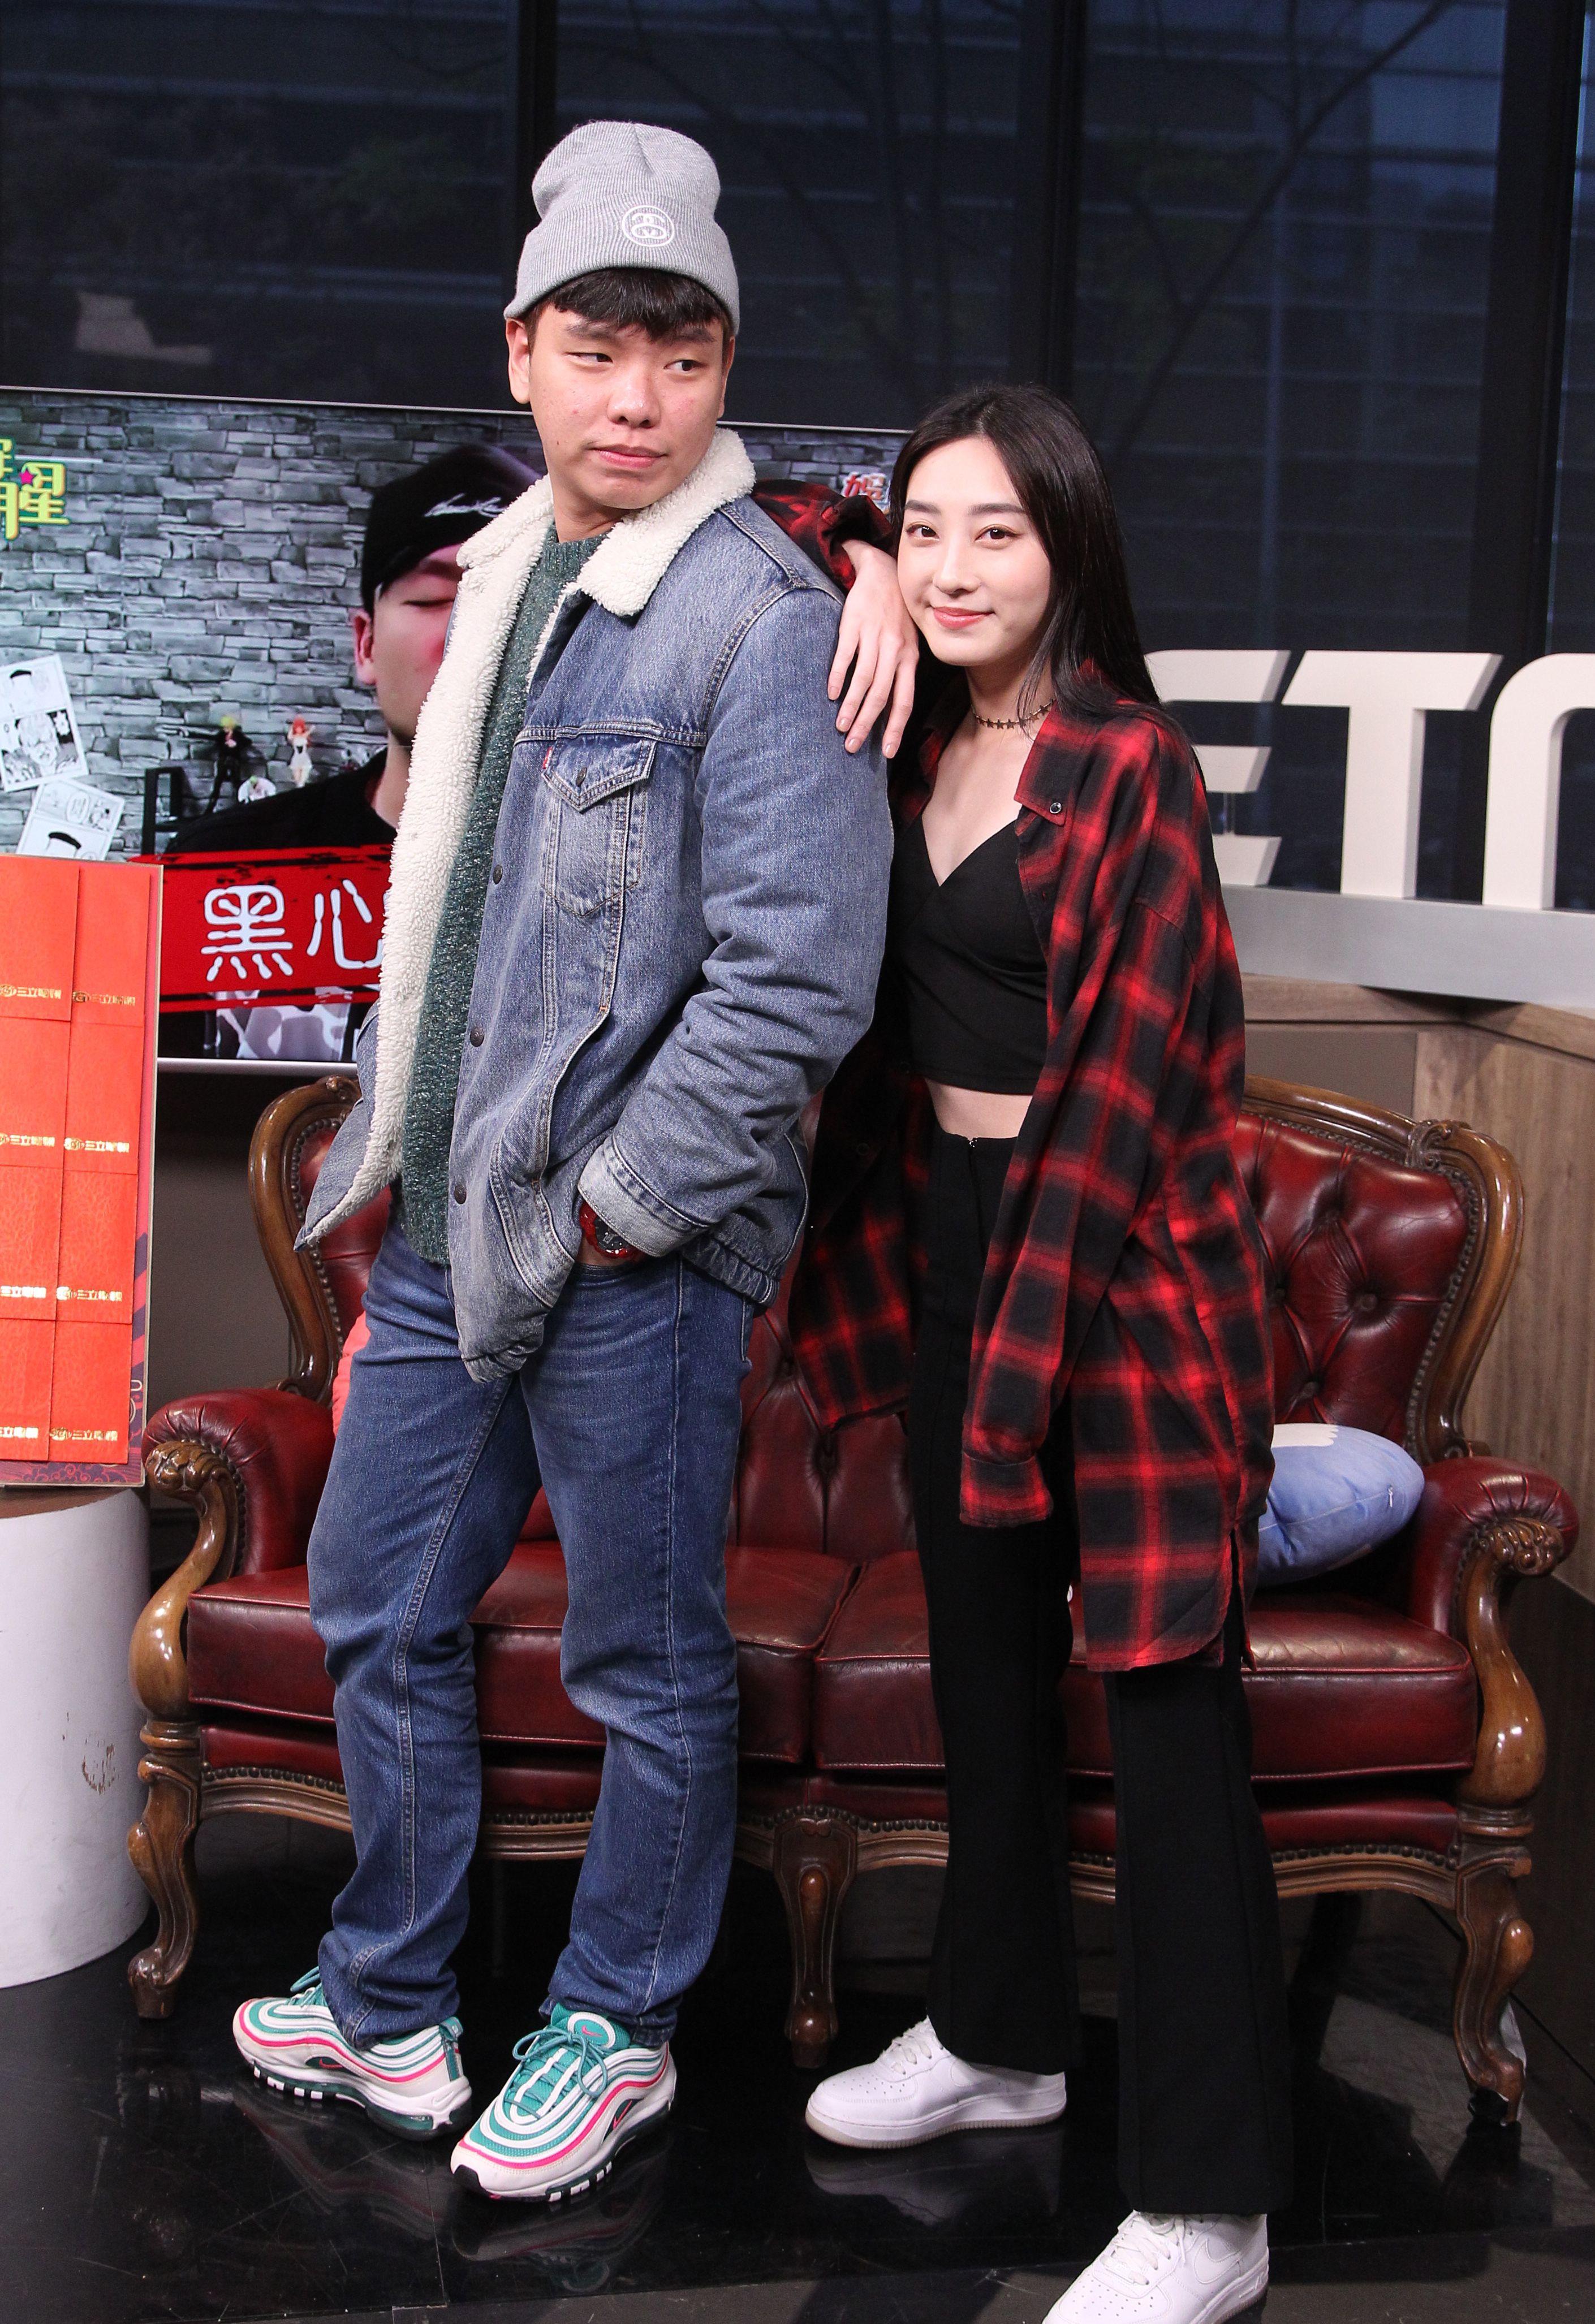 蕭志瑋、席惟倫安安大明星。(記者邱榮吉/攝影)